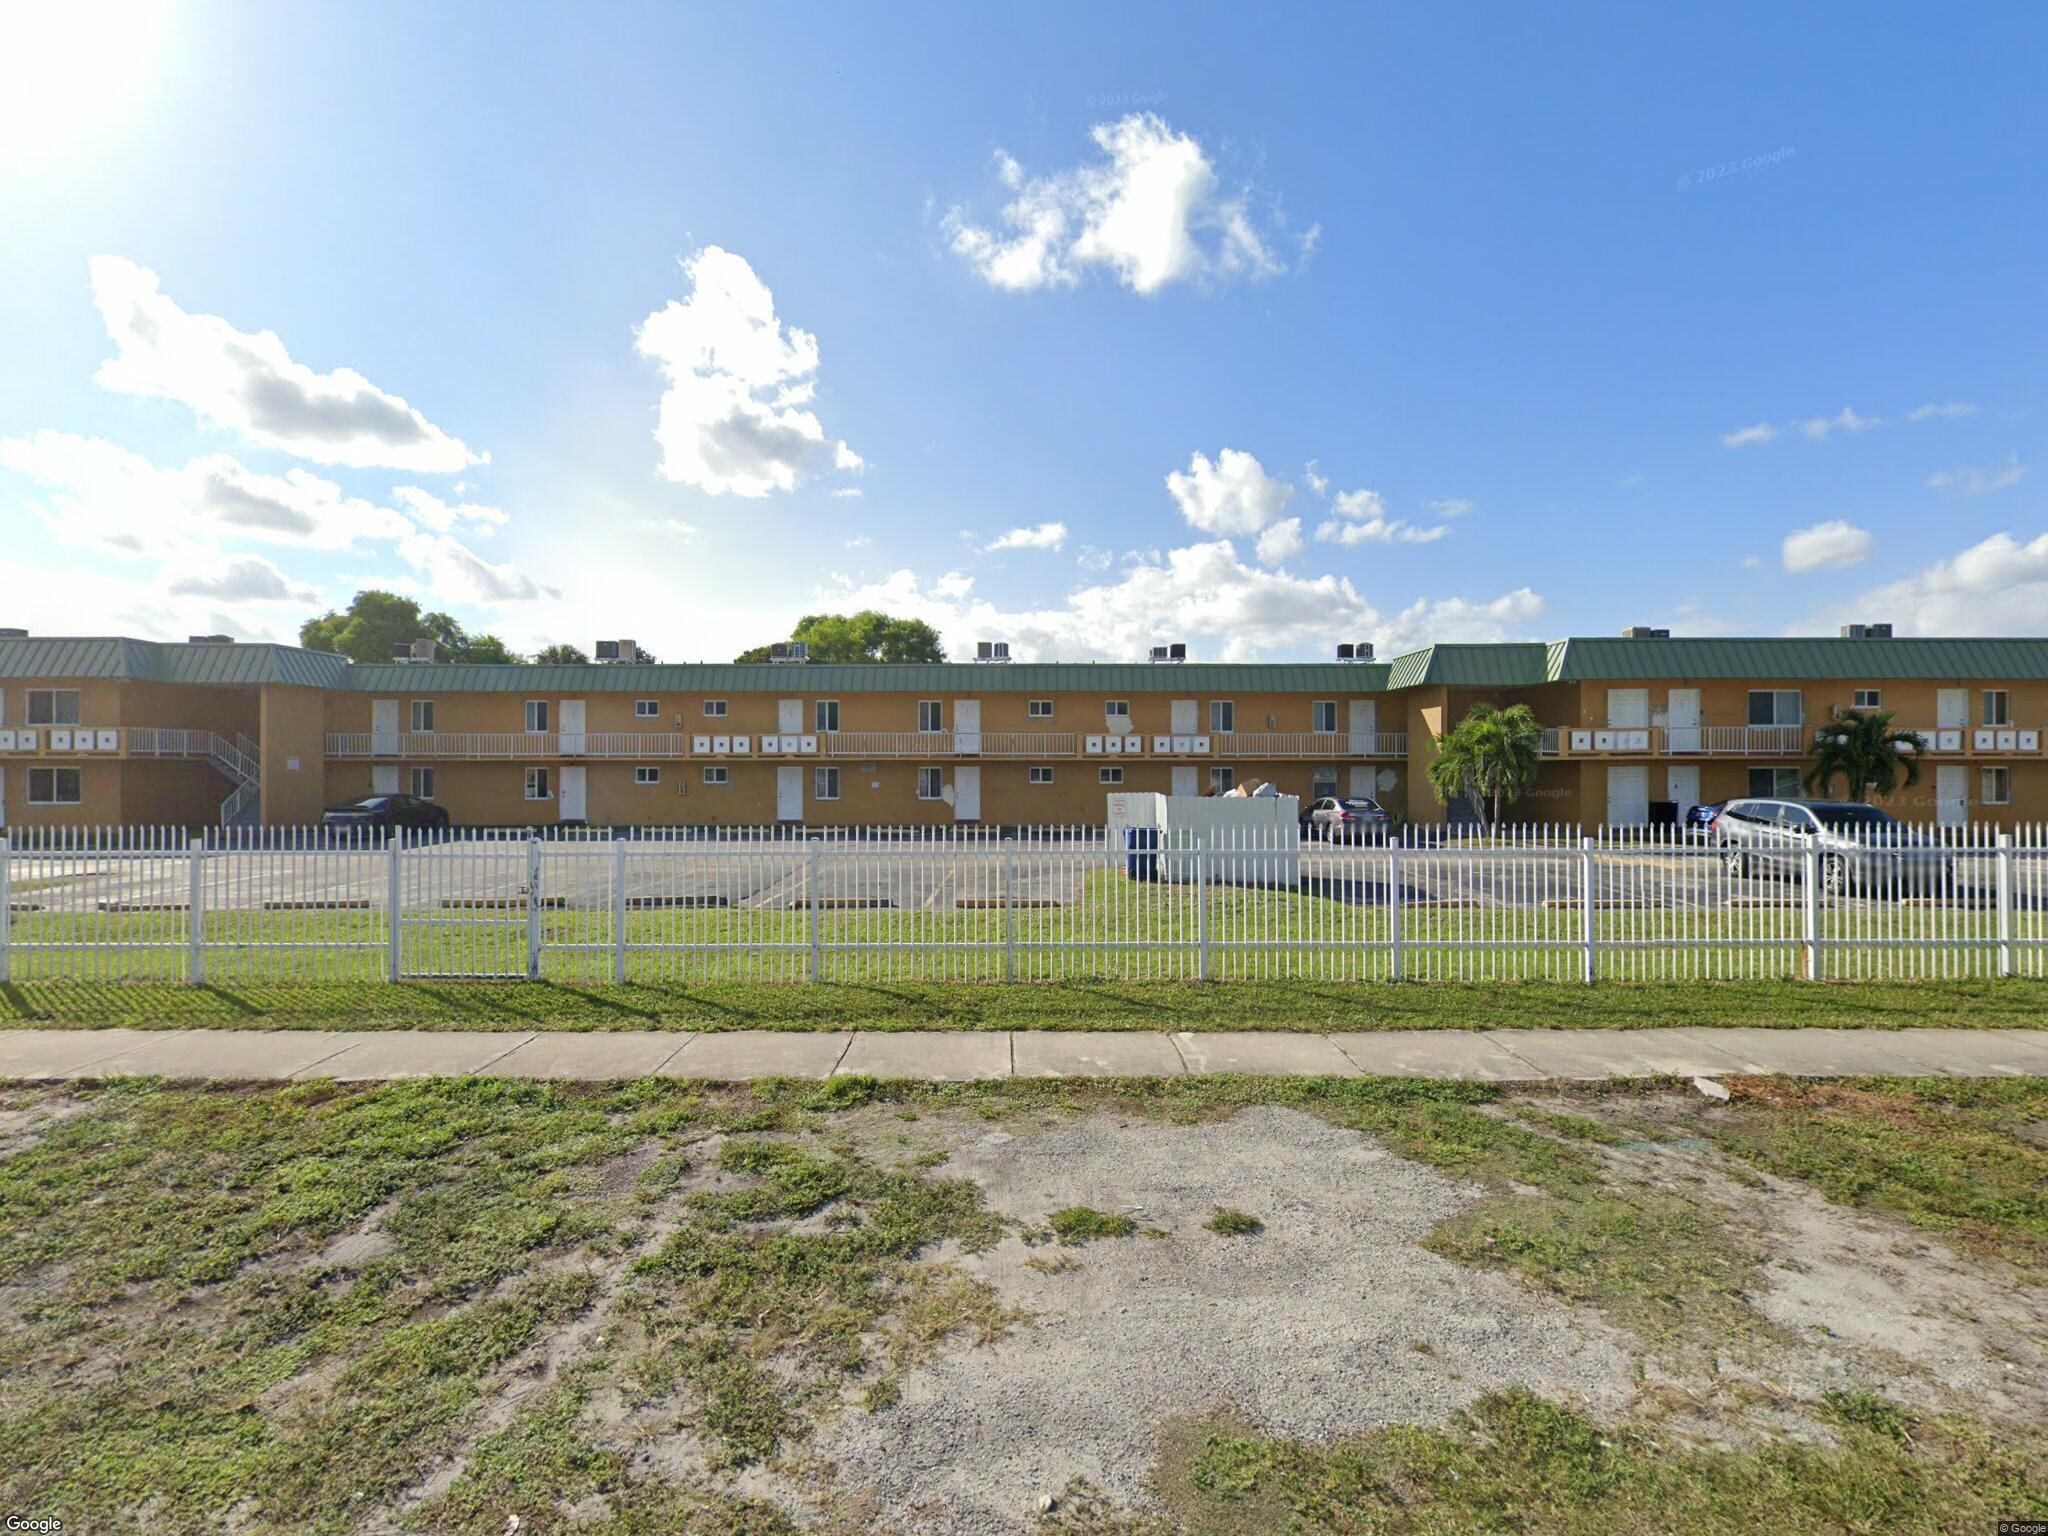 505 NW 177th St #215, Miami Gardens, FL 33169 - Foreclosure | Trulia